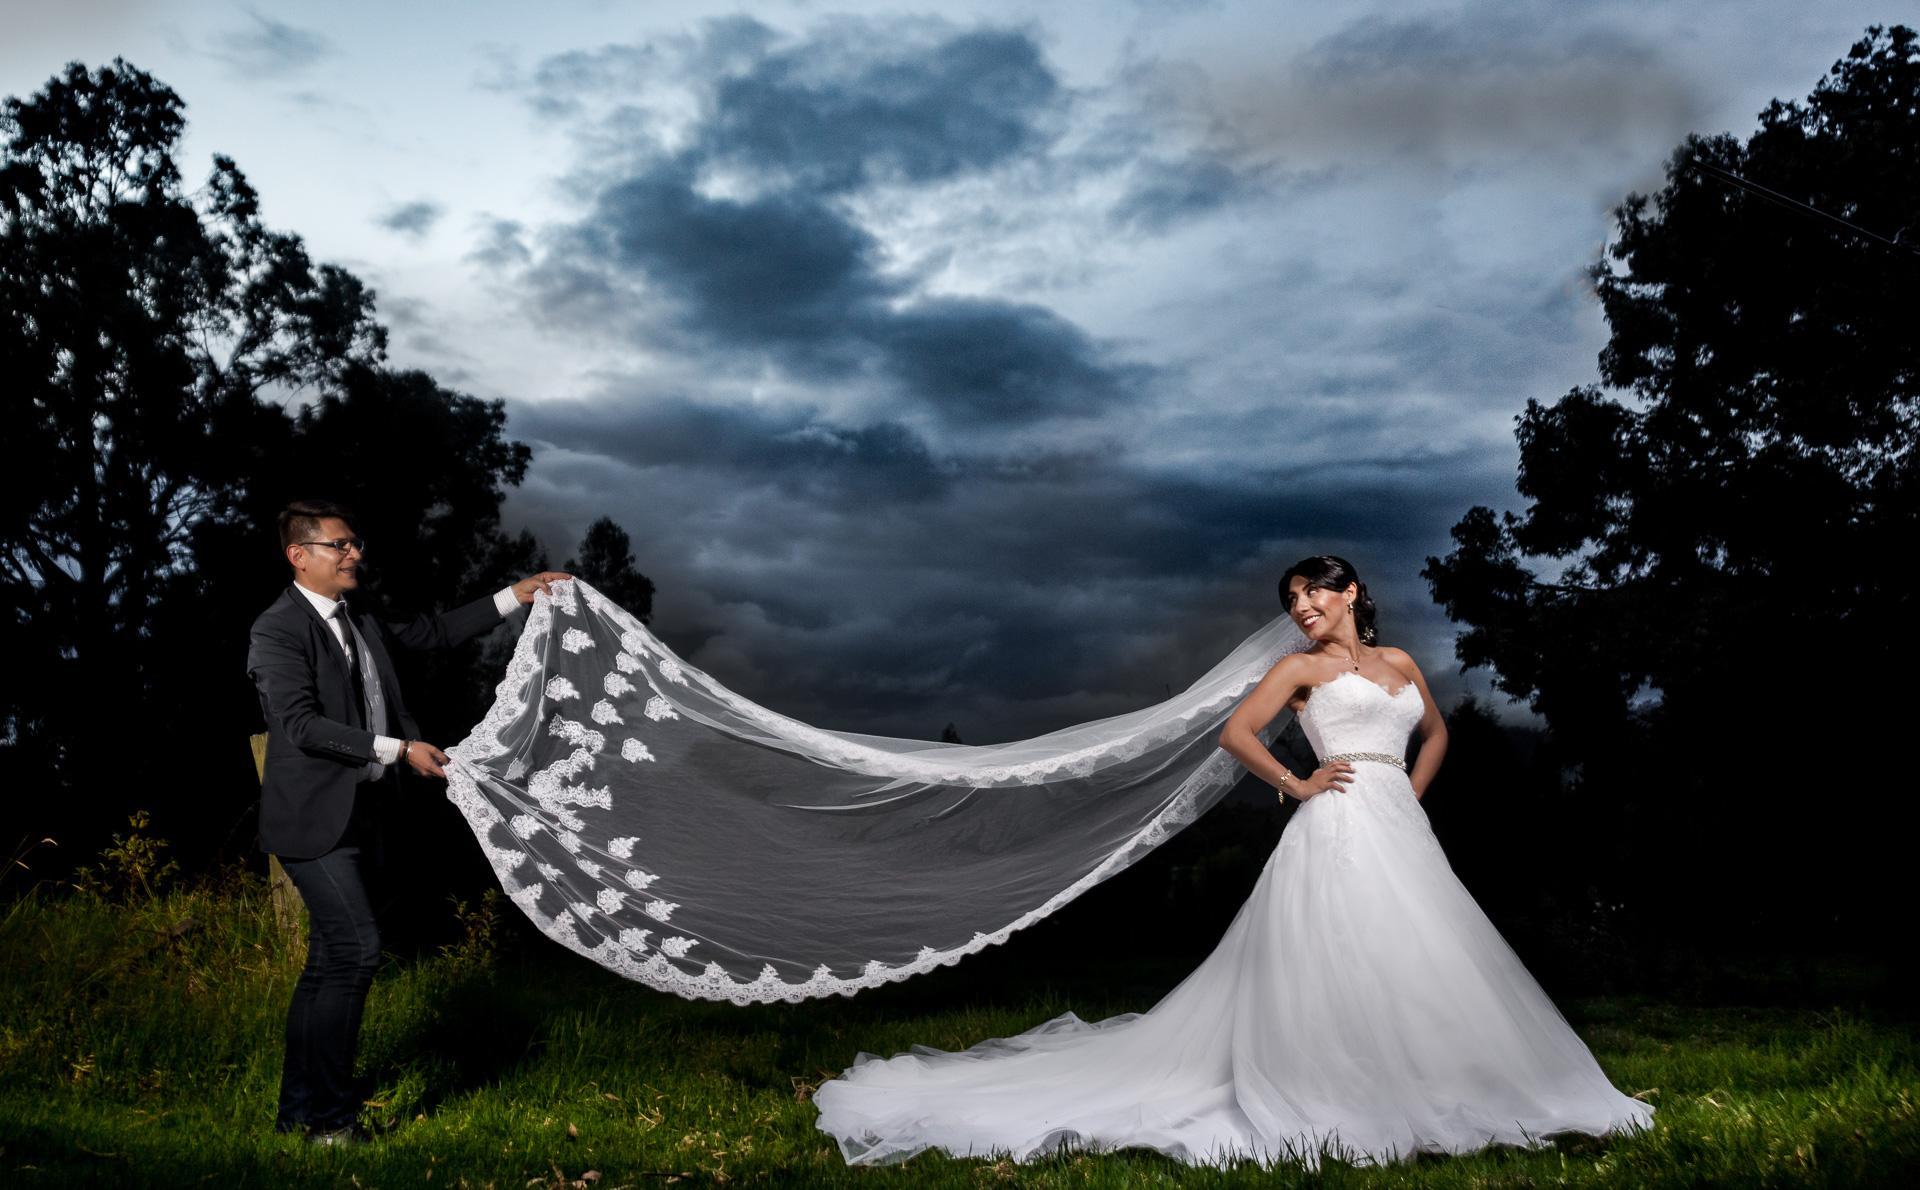 Fotógrafos-de-bodas-en-Colombia-Angela-y-Antonio-48 ANGELA Y ANTONIO